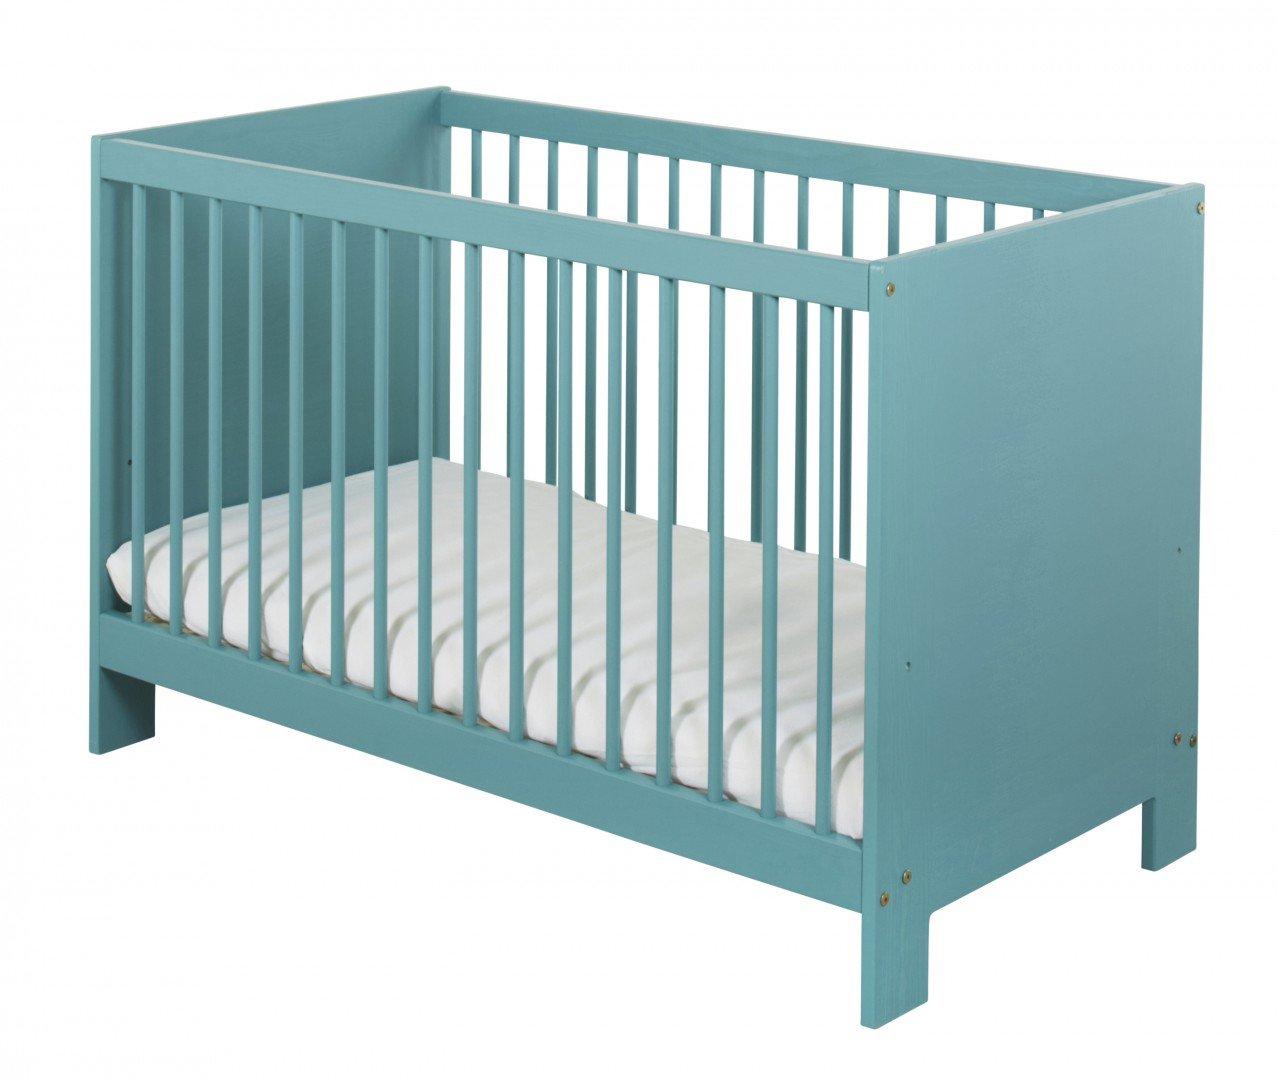 BioKinder 24005 Niklas Babybett 60x120 cm Kiefer blau lasiert